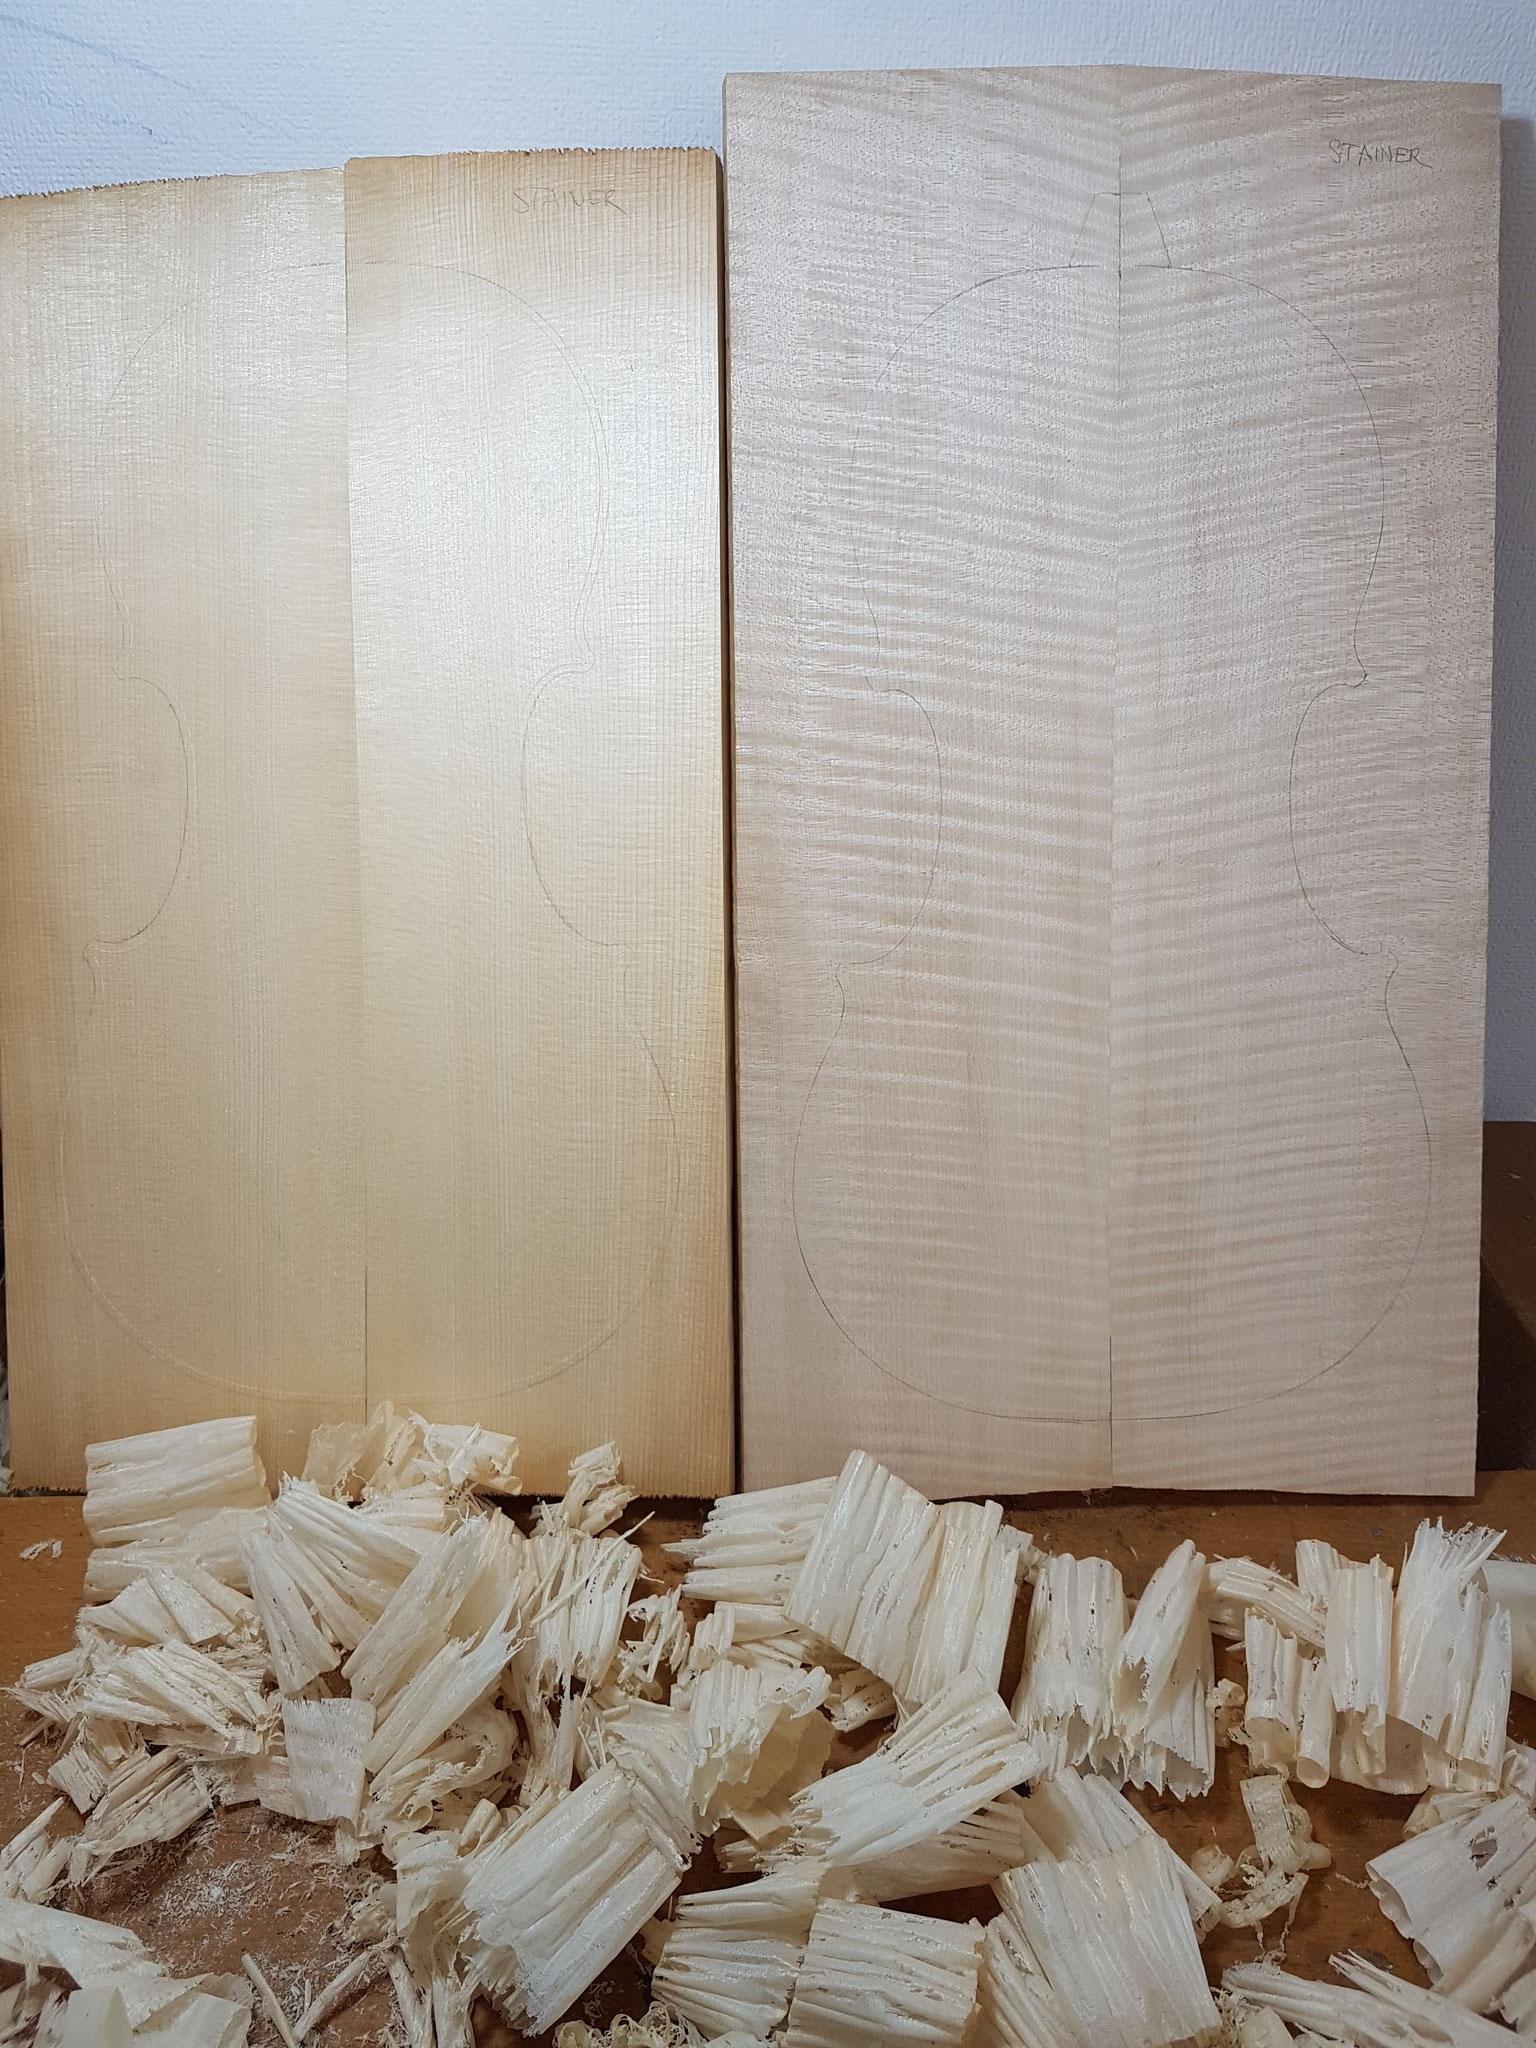 Decke und Boden werden wie die Vorlage aus jeweils zwei Teilen zusammengefügt. Nachdem die Flächen plan gehobelt wurden, kann der jeweilige Umriss aufgezeichnet und anschließend ausgesägt werden.